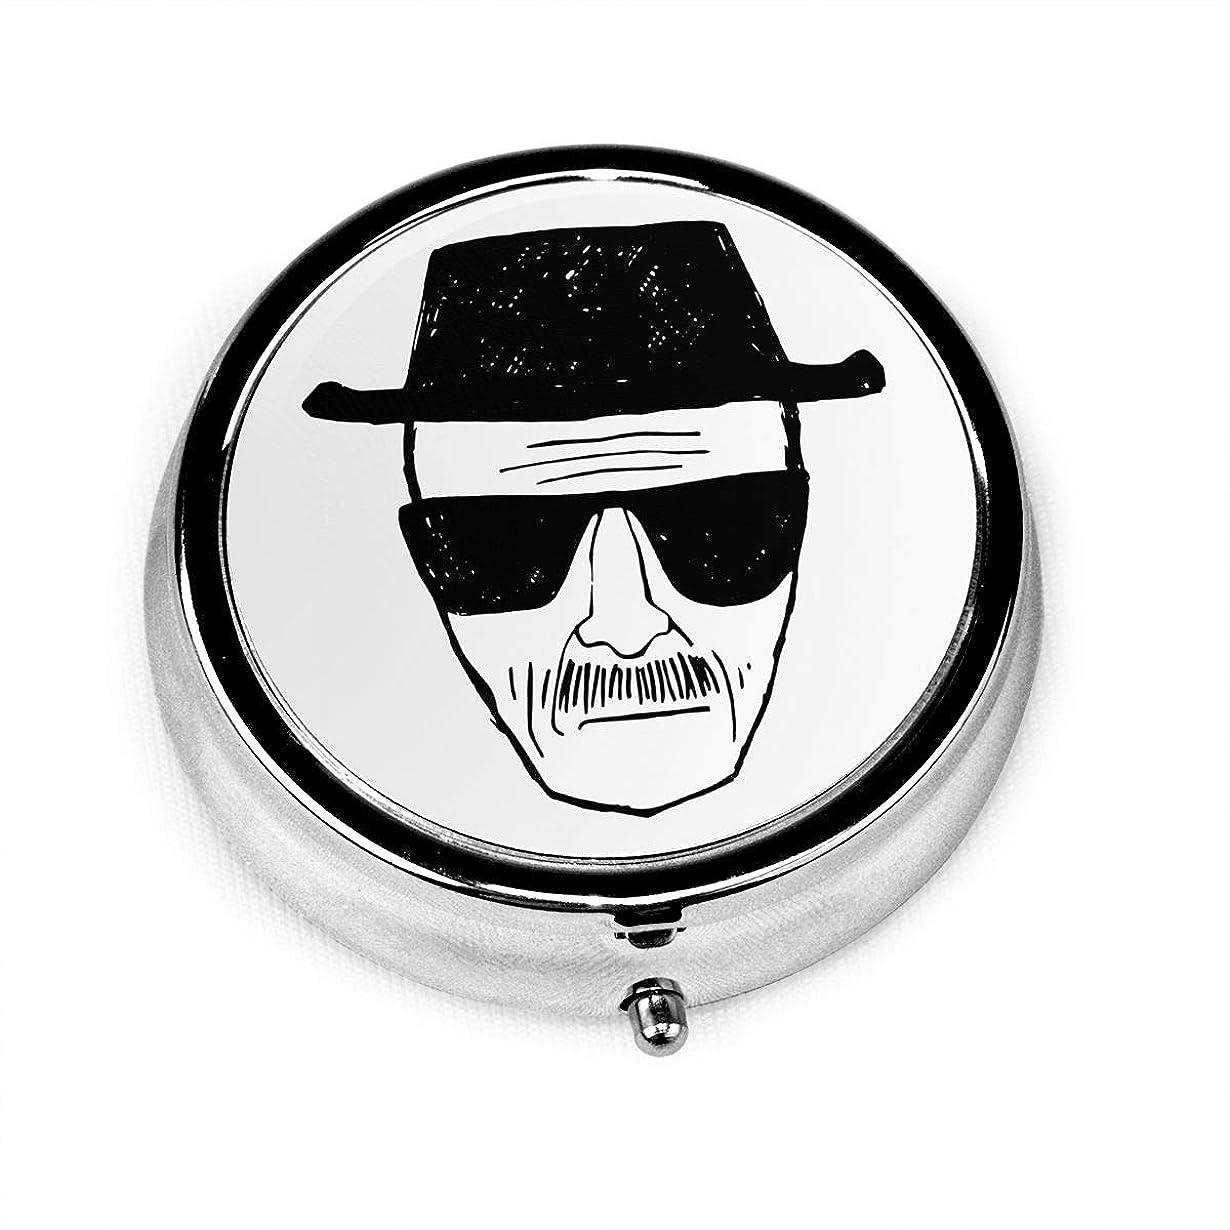 悪意のある金属時代YISANSI Heisenberg ピルケース 薬ケース 円形 携帯型 薬入れ 飲み忘れ 小物入れ ガム入れ 金属材 コンパクトサイズ 取り出しやすい プレゼント